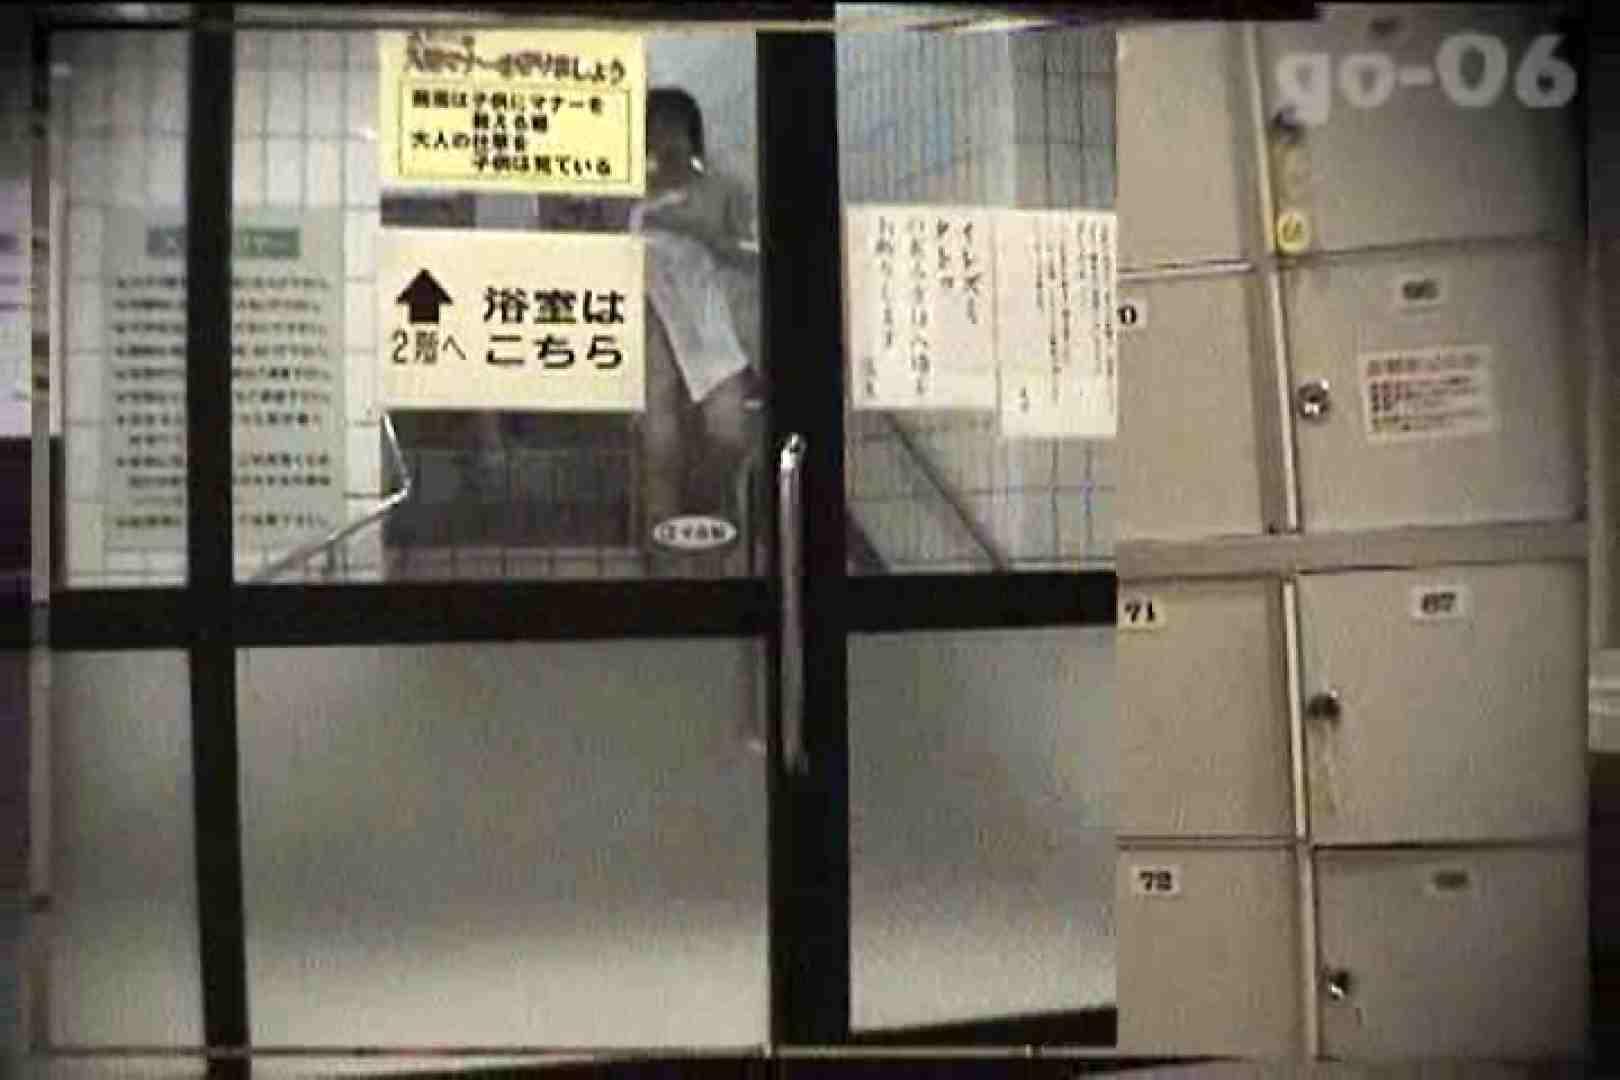 電波カメラ設置浴場からの防HAN映像 Vol.06 0   0  92画像 65